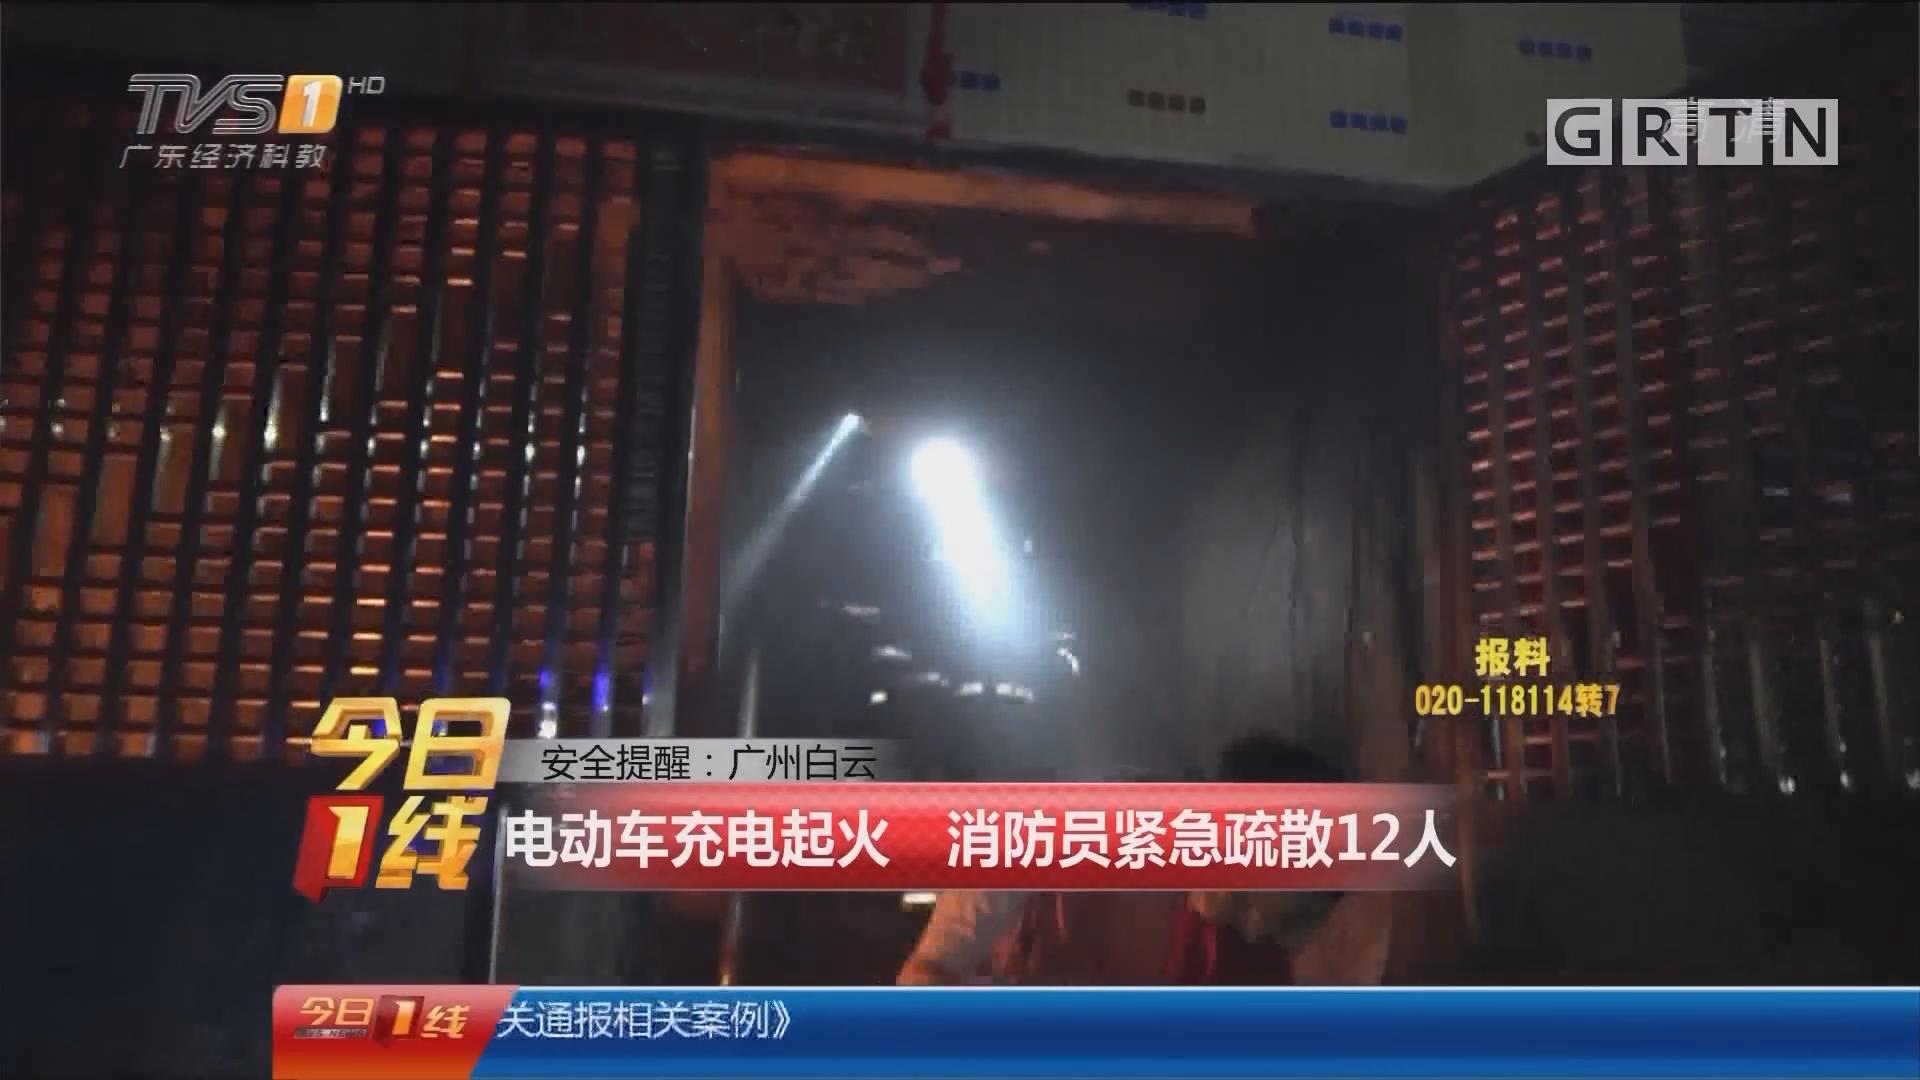 安全提醒:广州白云 电动车充电起火 消防员紧急疏散12人